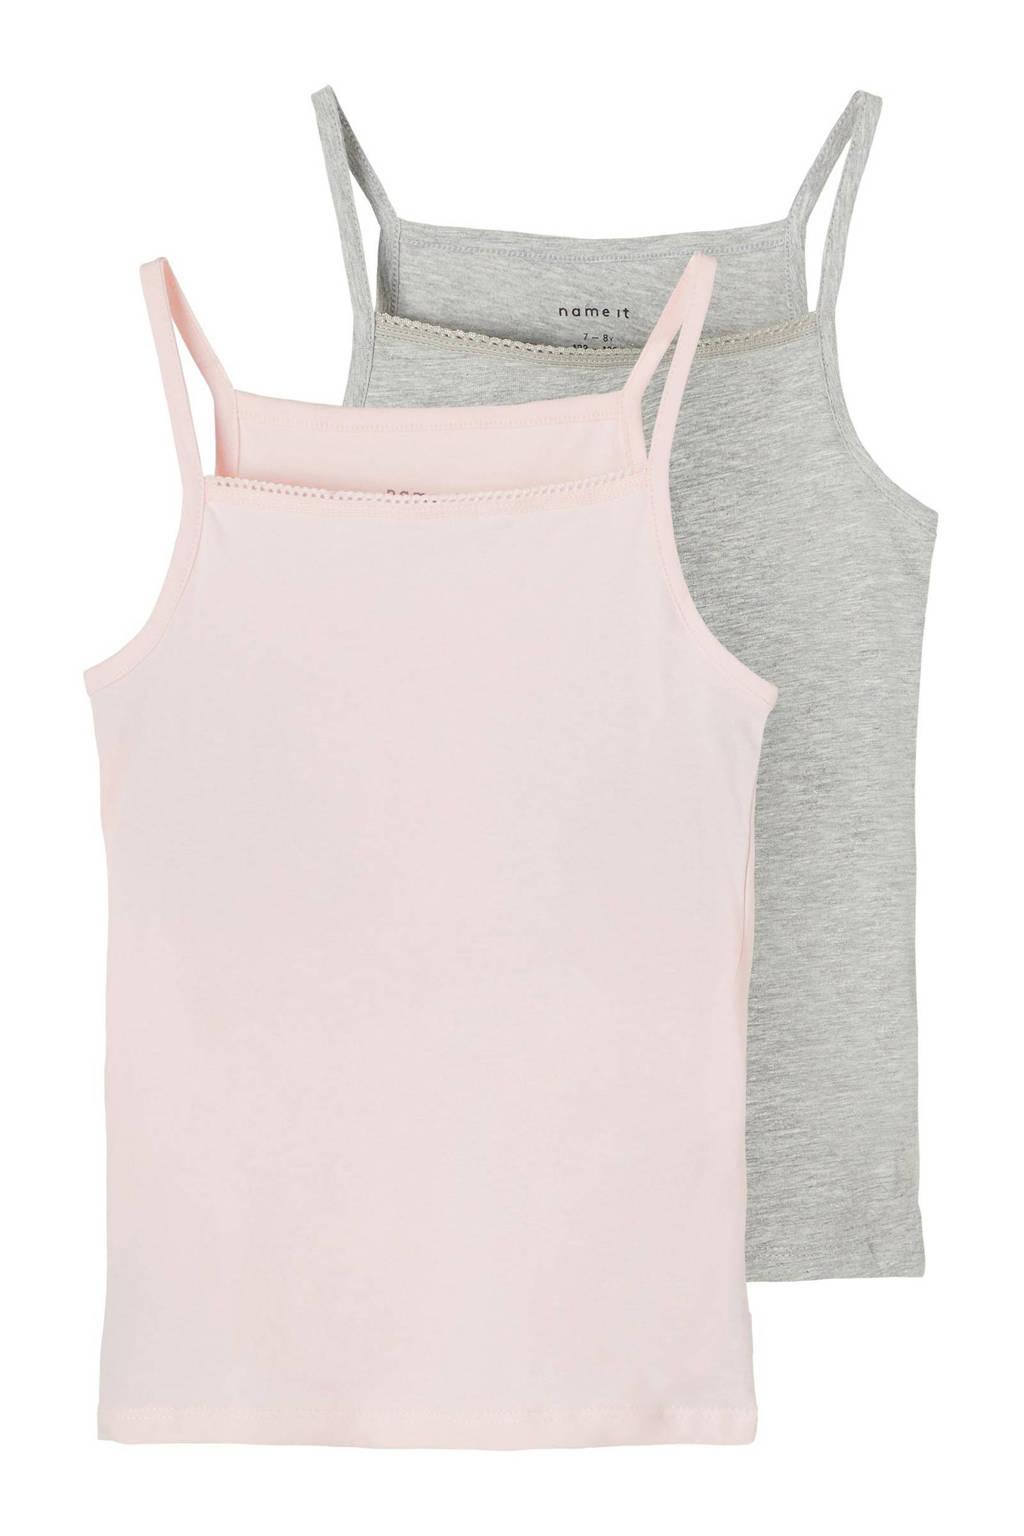 NAME IT KIDS hemd - set van 2 grijs melange/roze, Grijs melange/roze